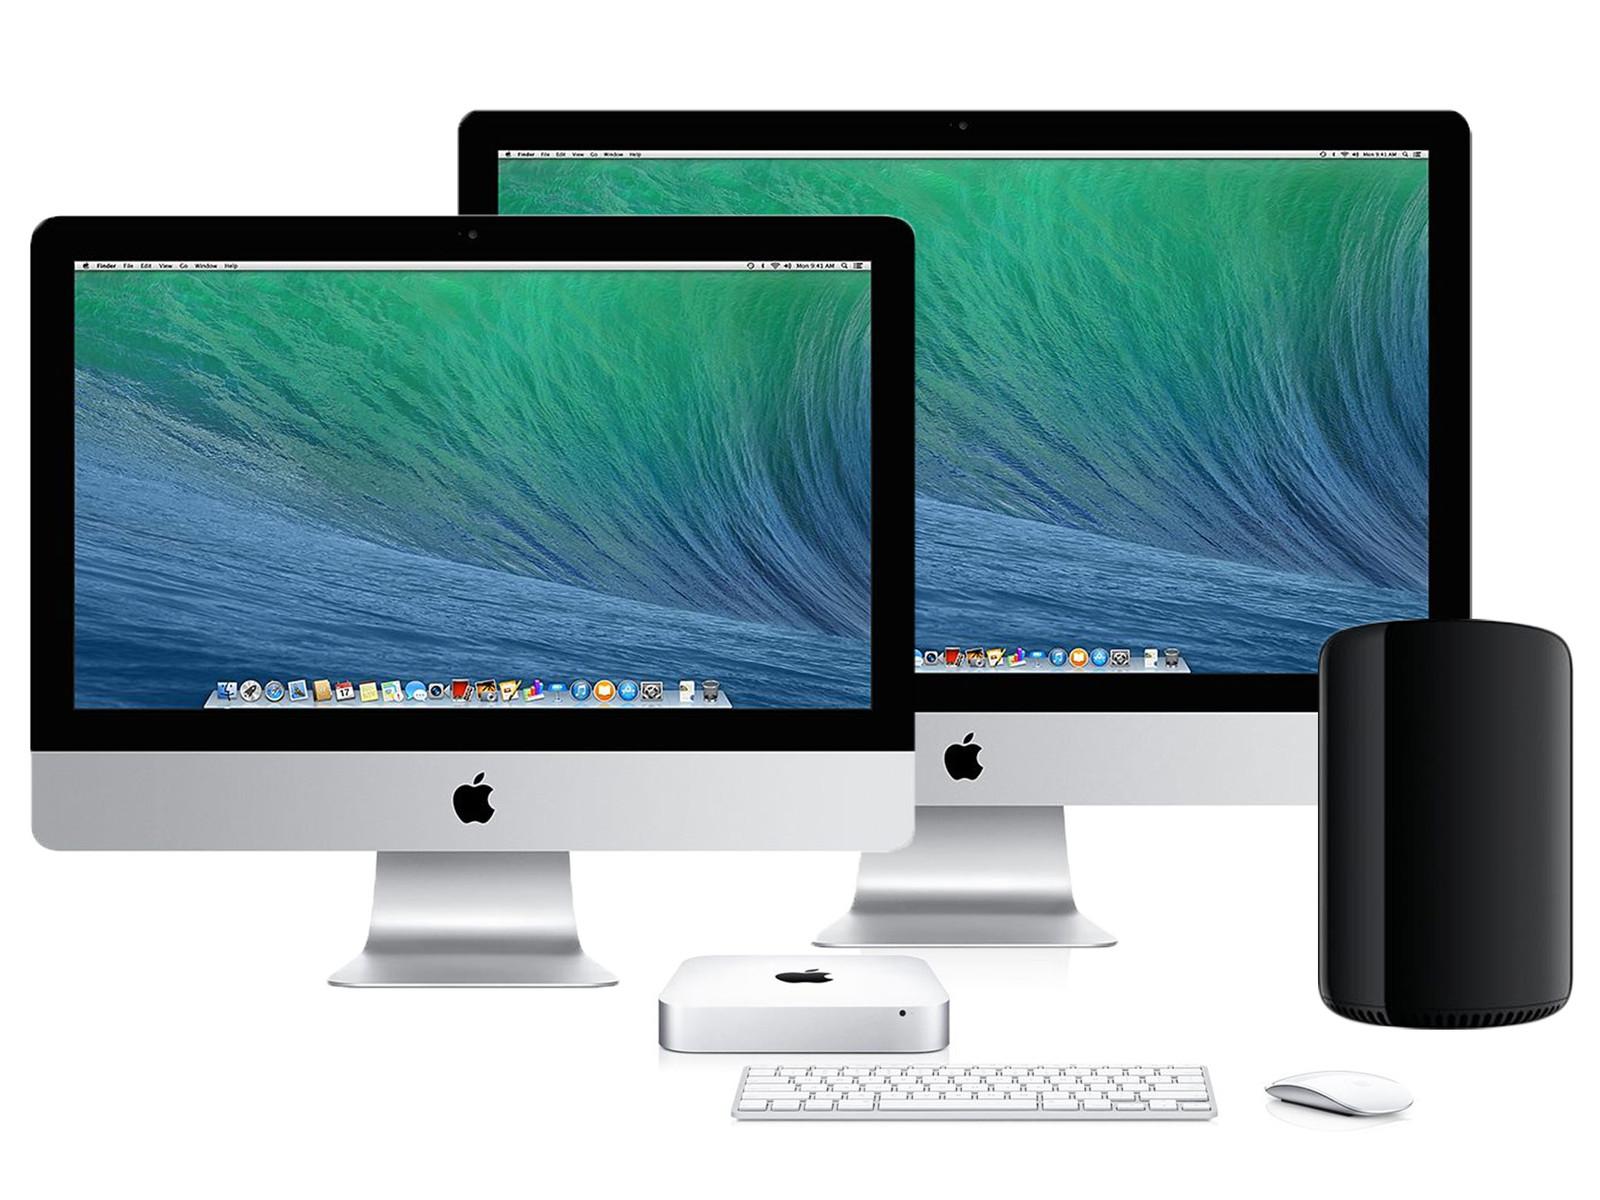 jetzt kaufen oder warten wie alt apples aktuelle produktgenerationen sind und wann. Black Bedroom Furniture Sets. Home Design Ideas